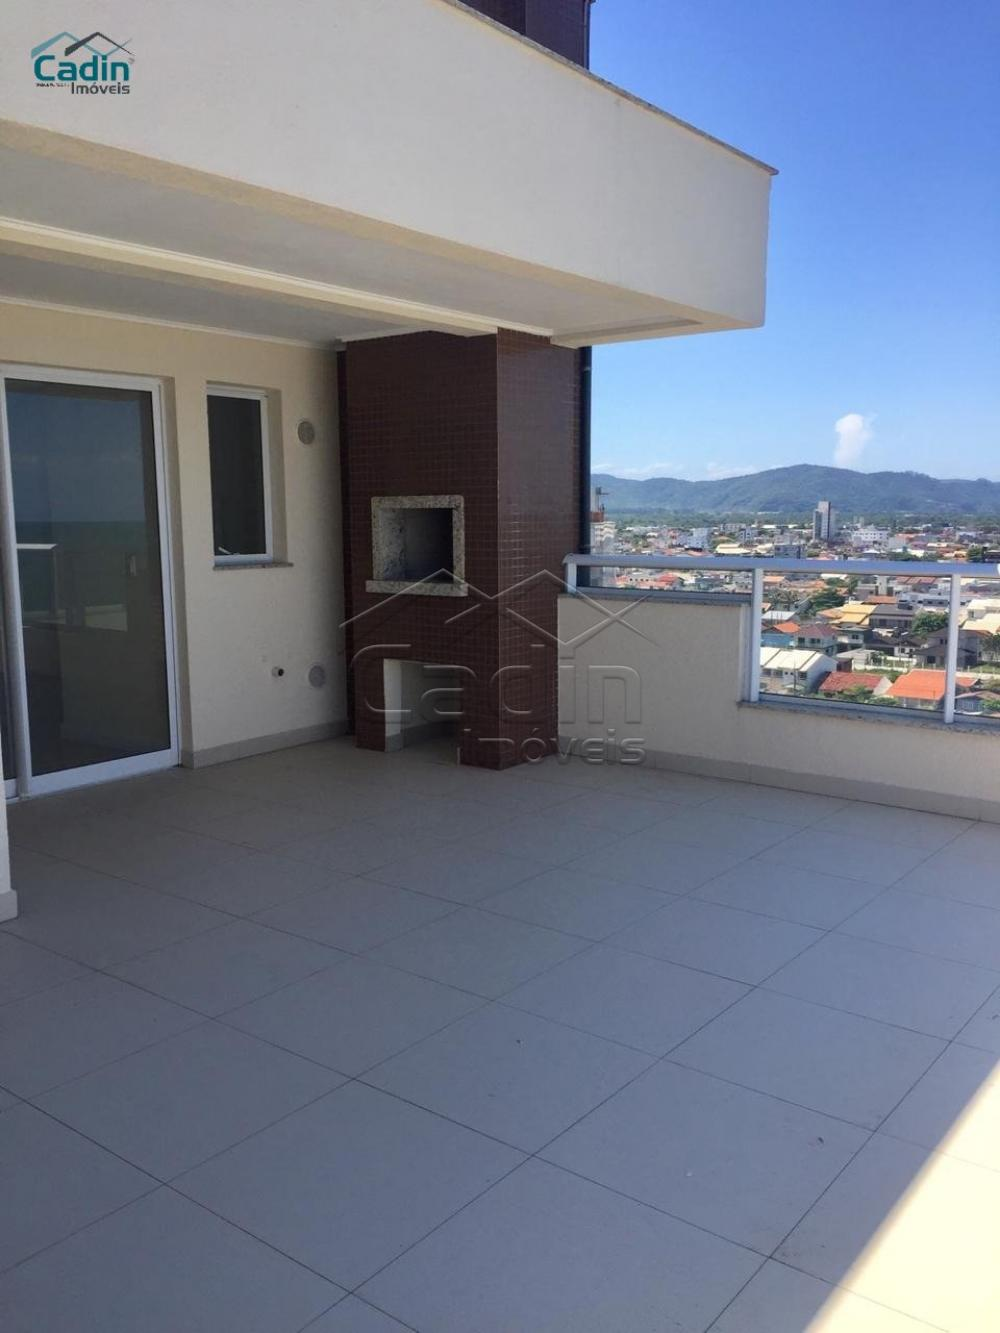 Comprar Apartamento / Cobertura em Navegantes R$ 2.019.000,00 - Foto 32